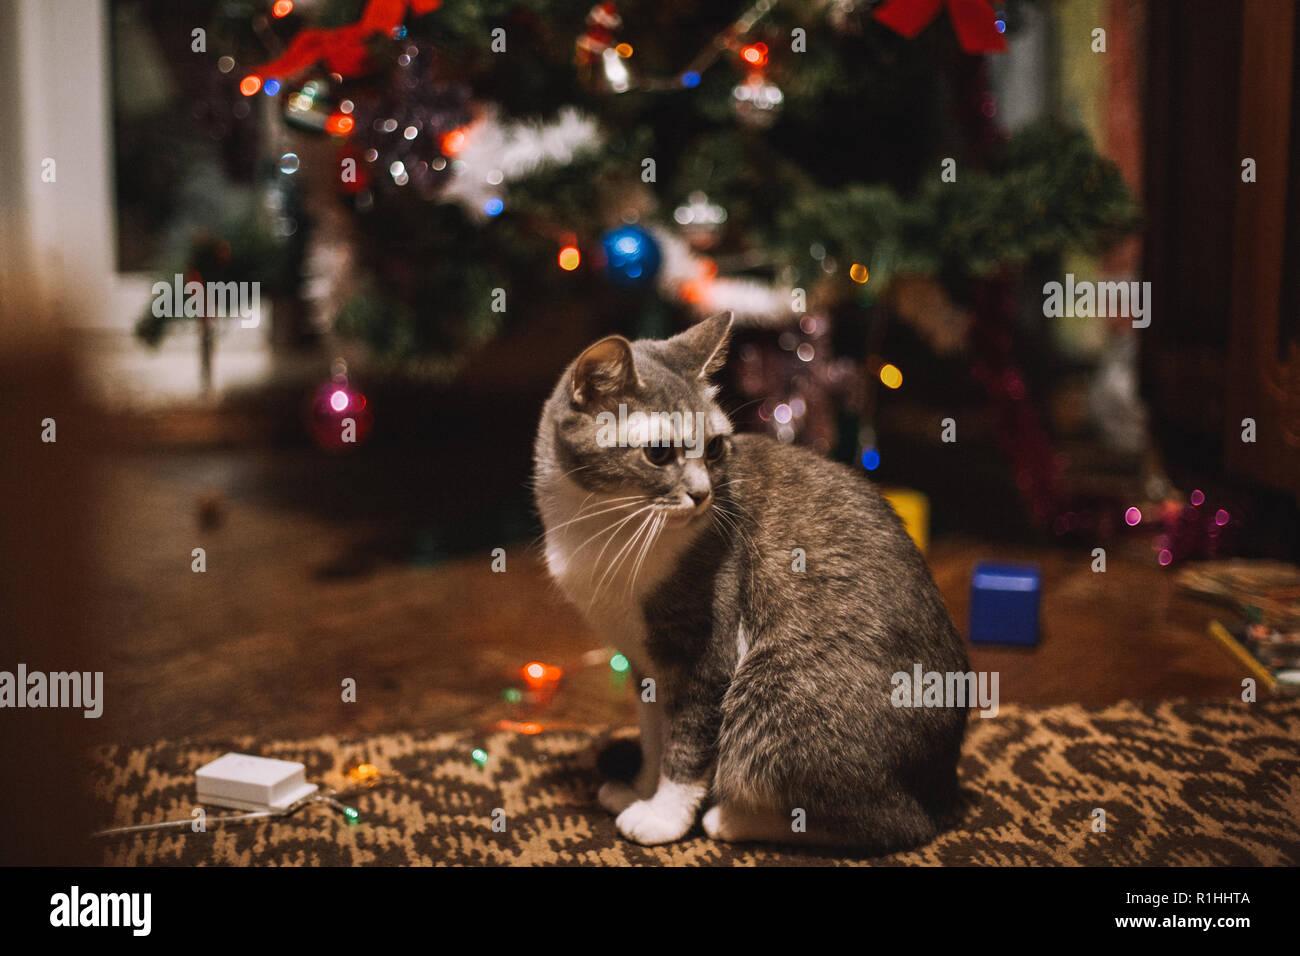 Gato sentado en el suelo junto al árbol de Navidad en casa Imagen De Stock